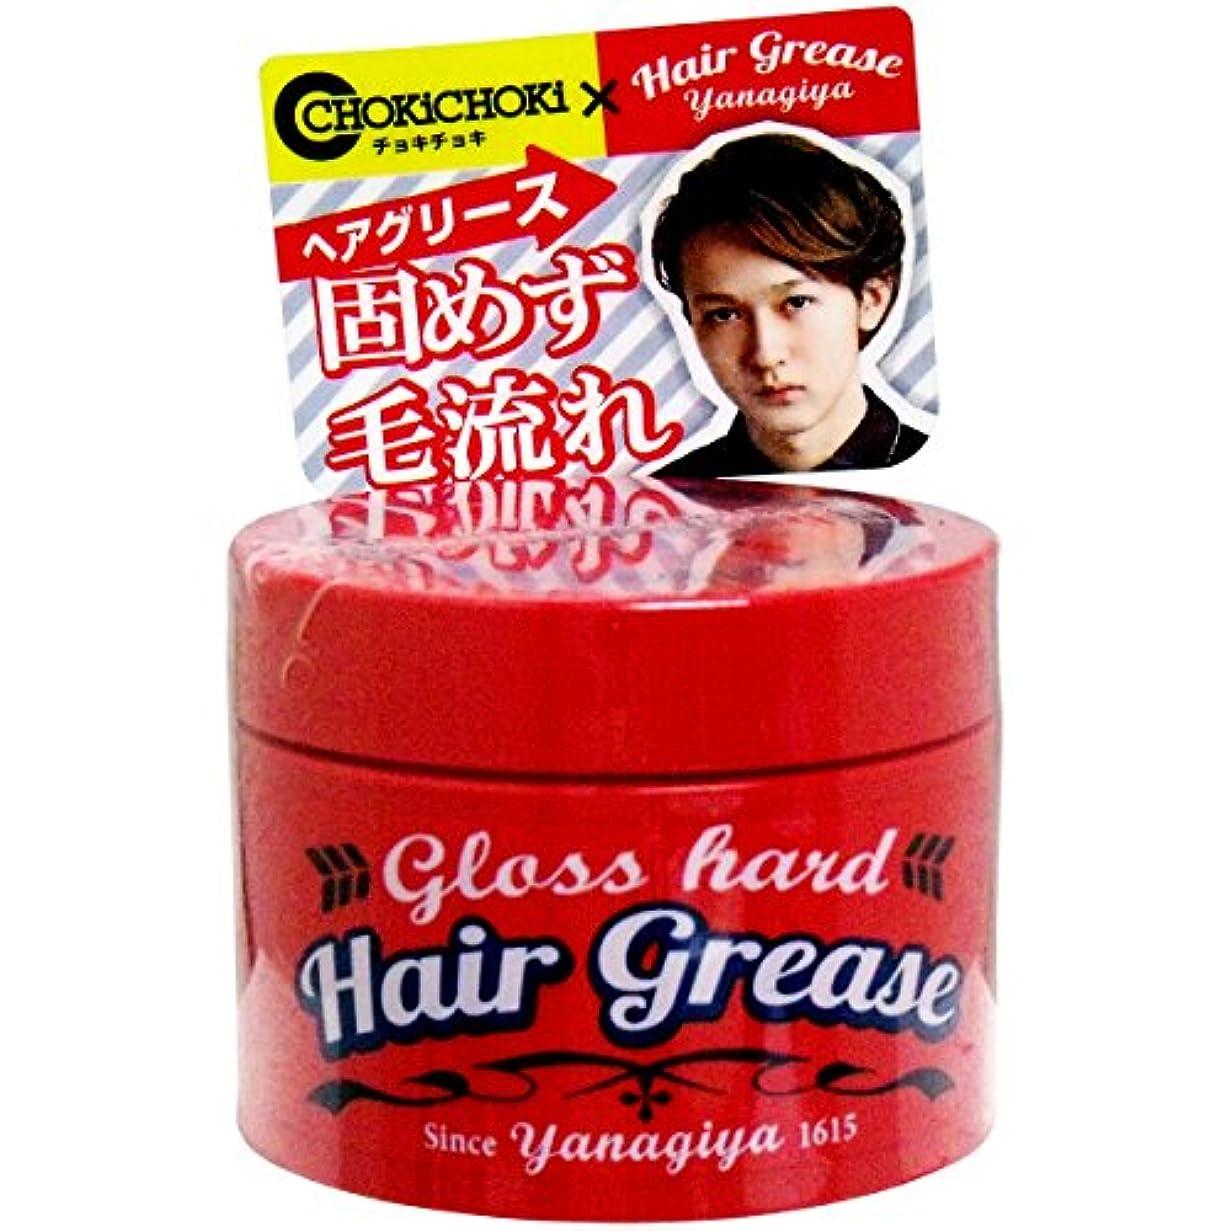 護衛軽蔑する疑問を超えてヘアワックス 固めず毛流れ 使いやすい YANAGIYA ヘアグリース グロスハード 90g入【2個セット】